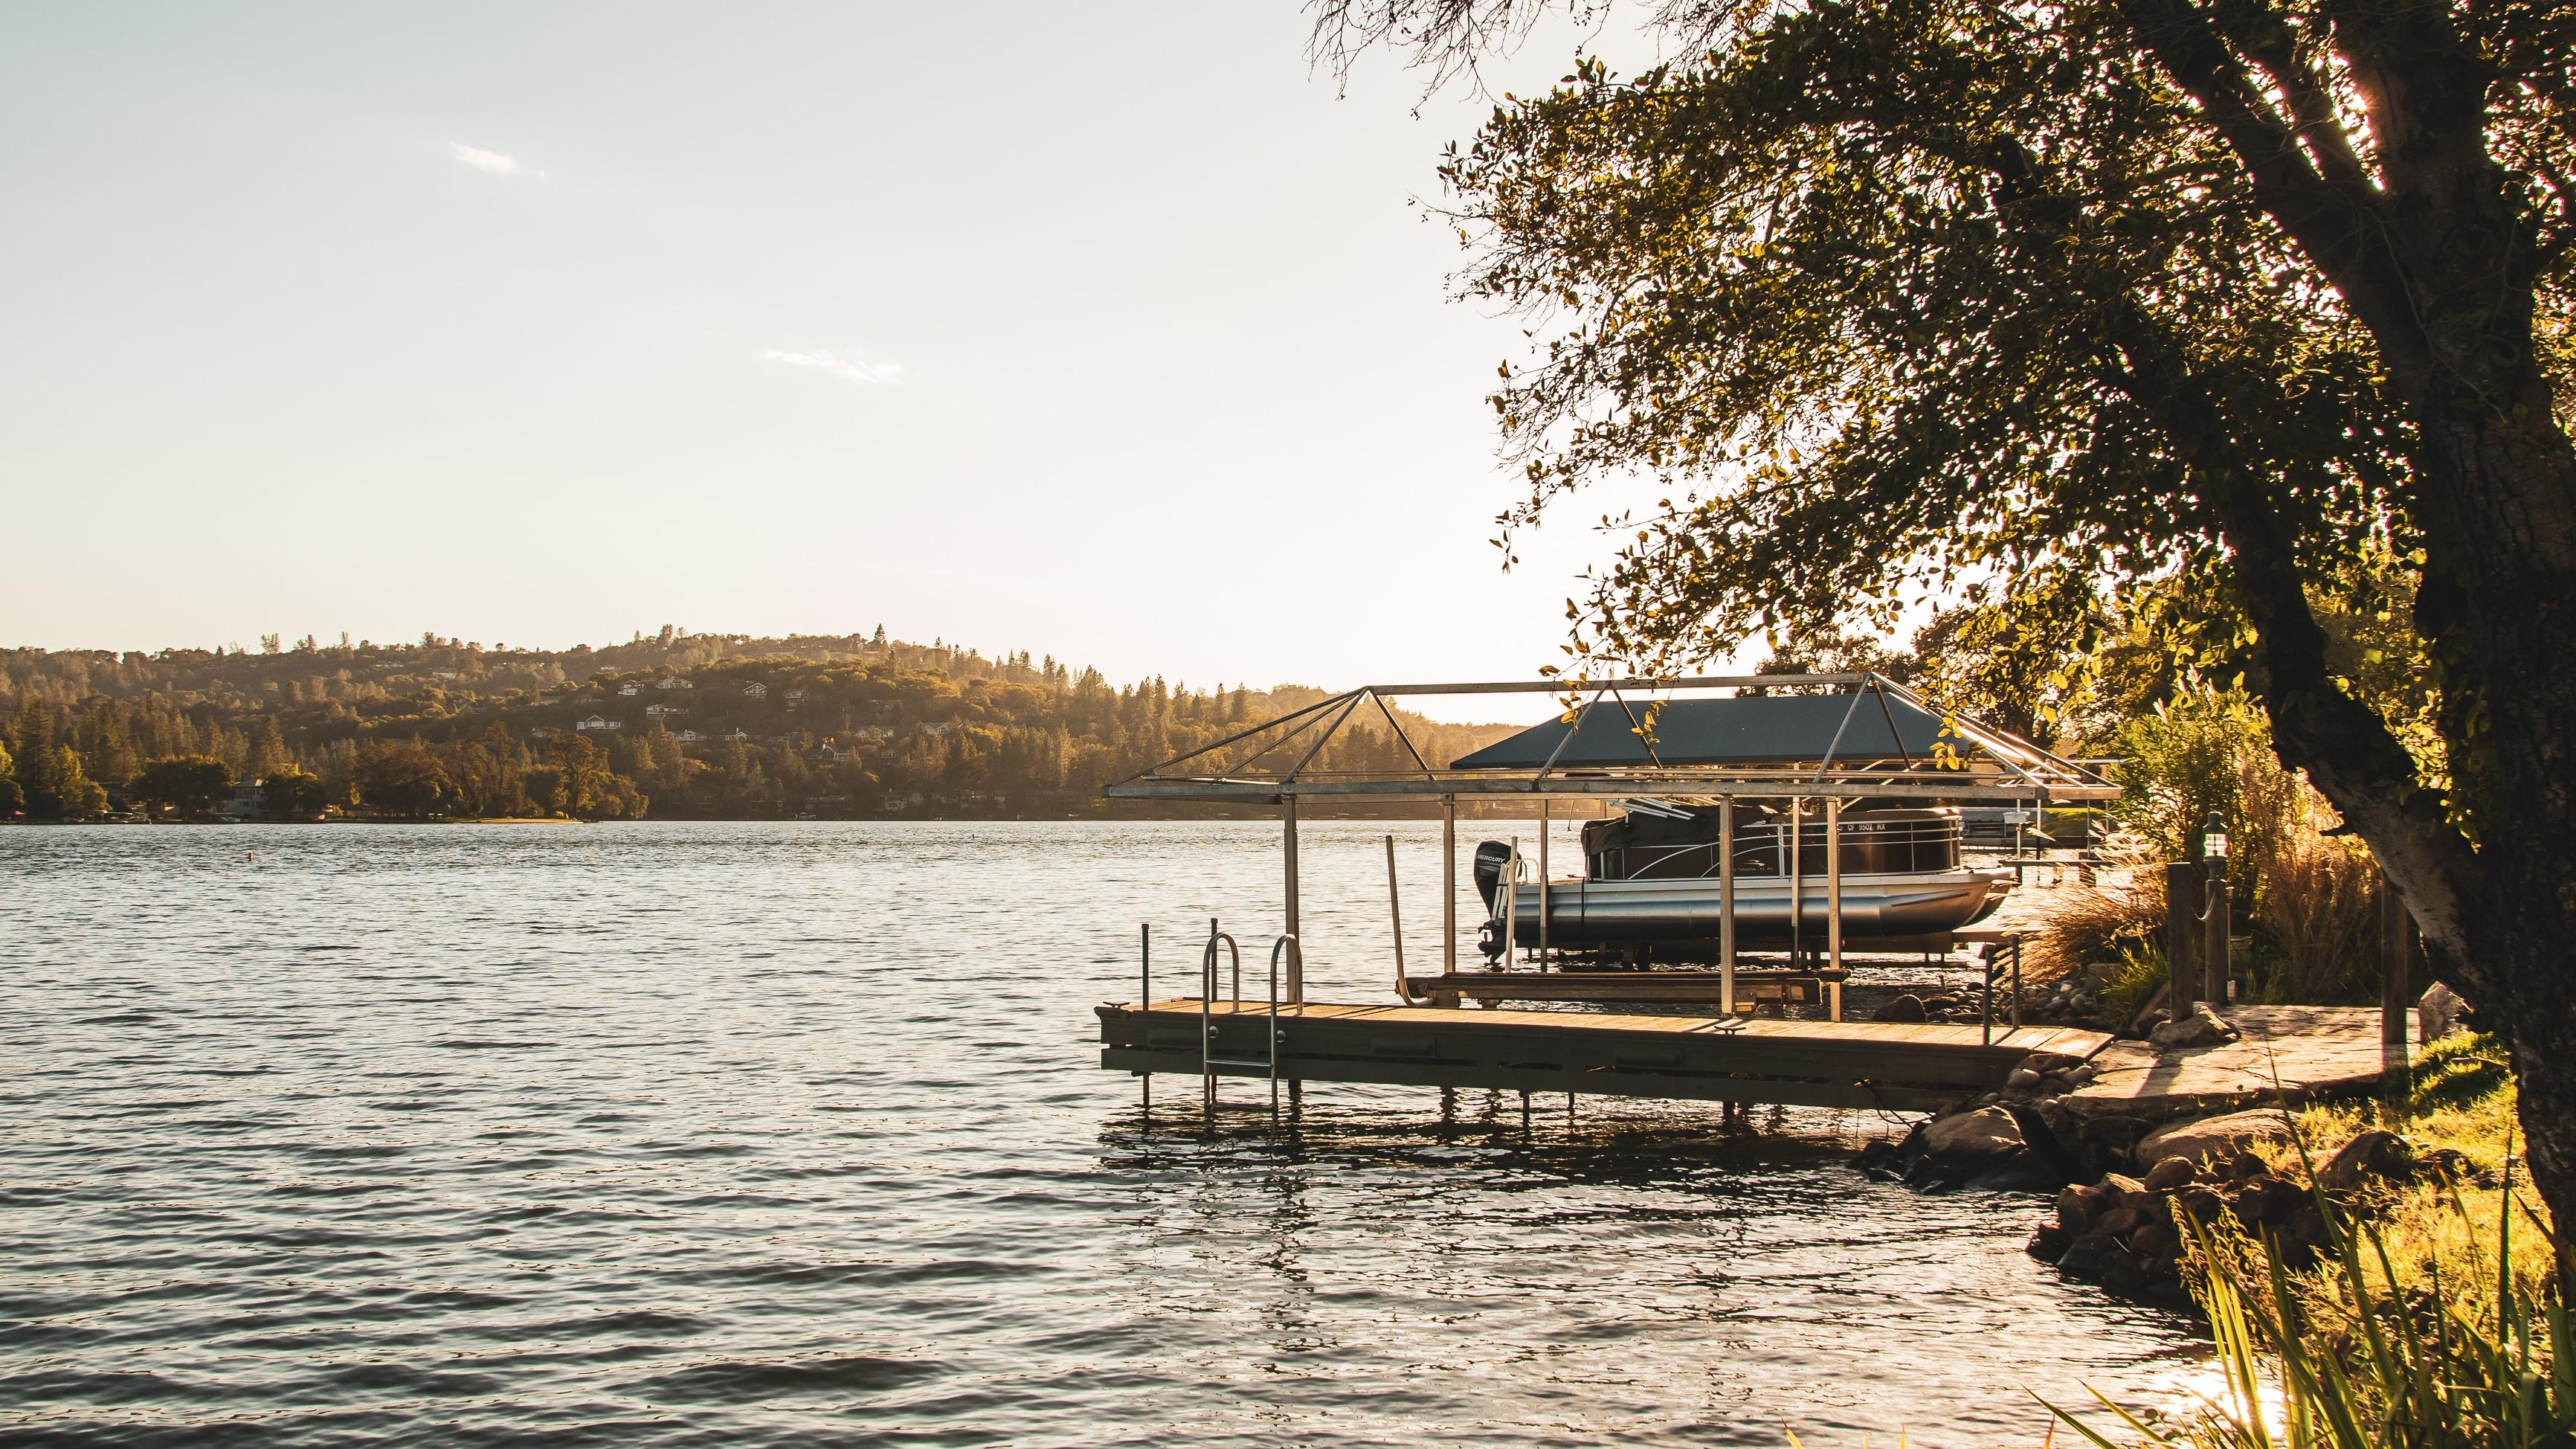 Dock at Lake Wildwood